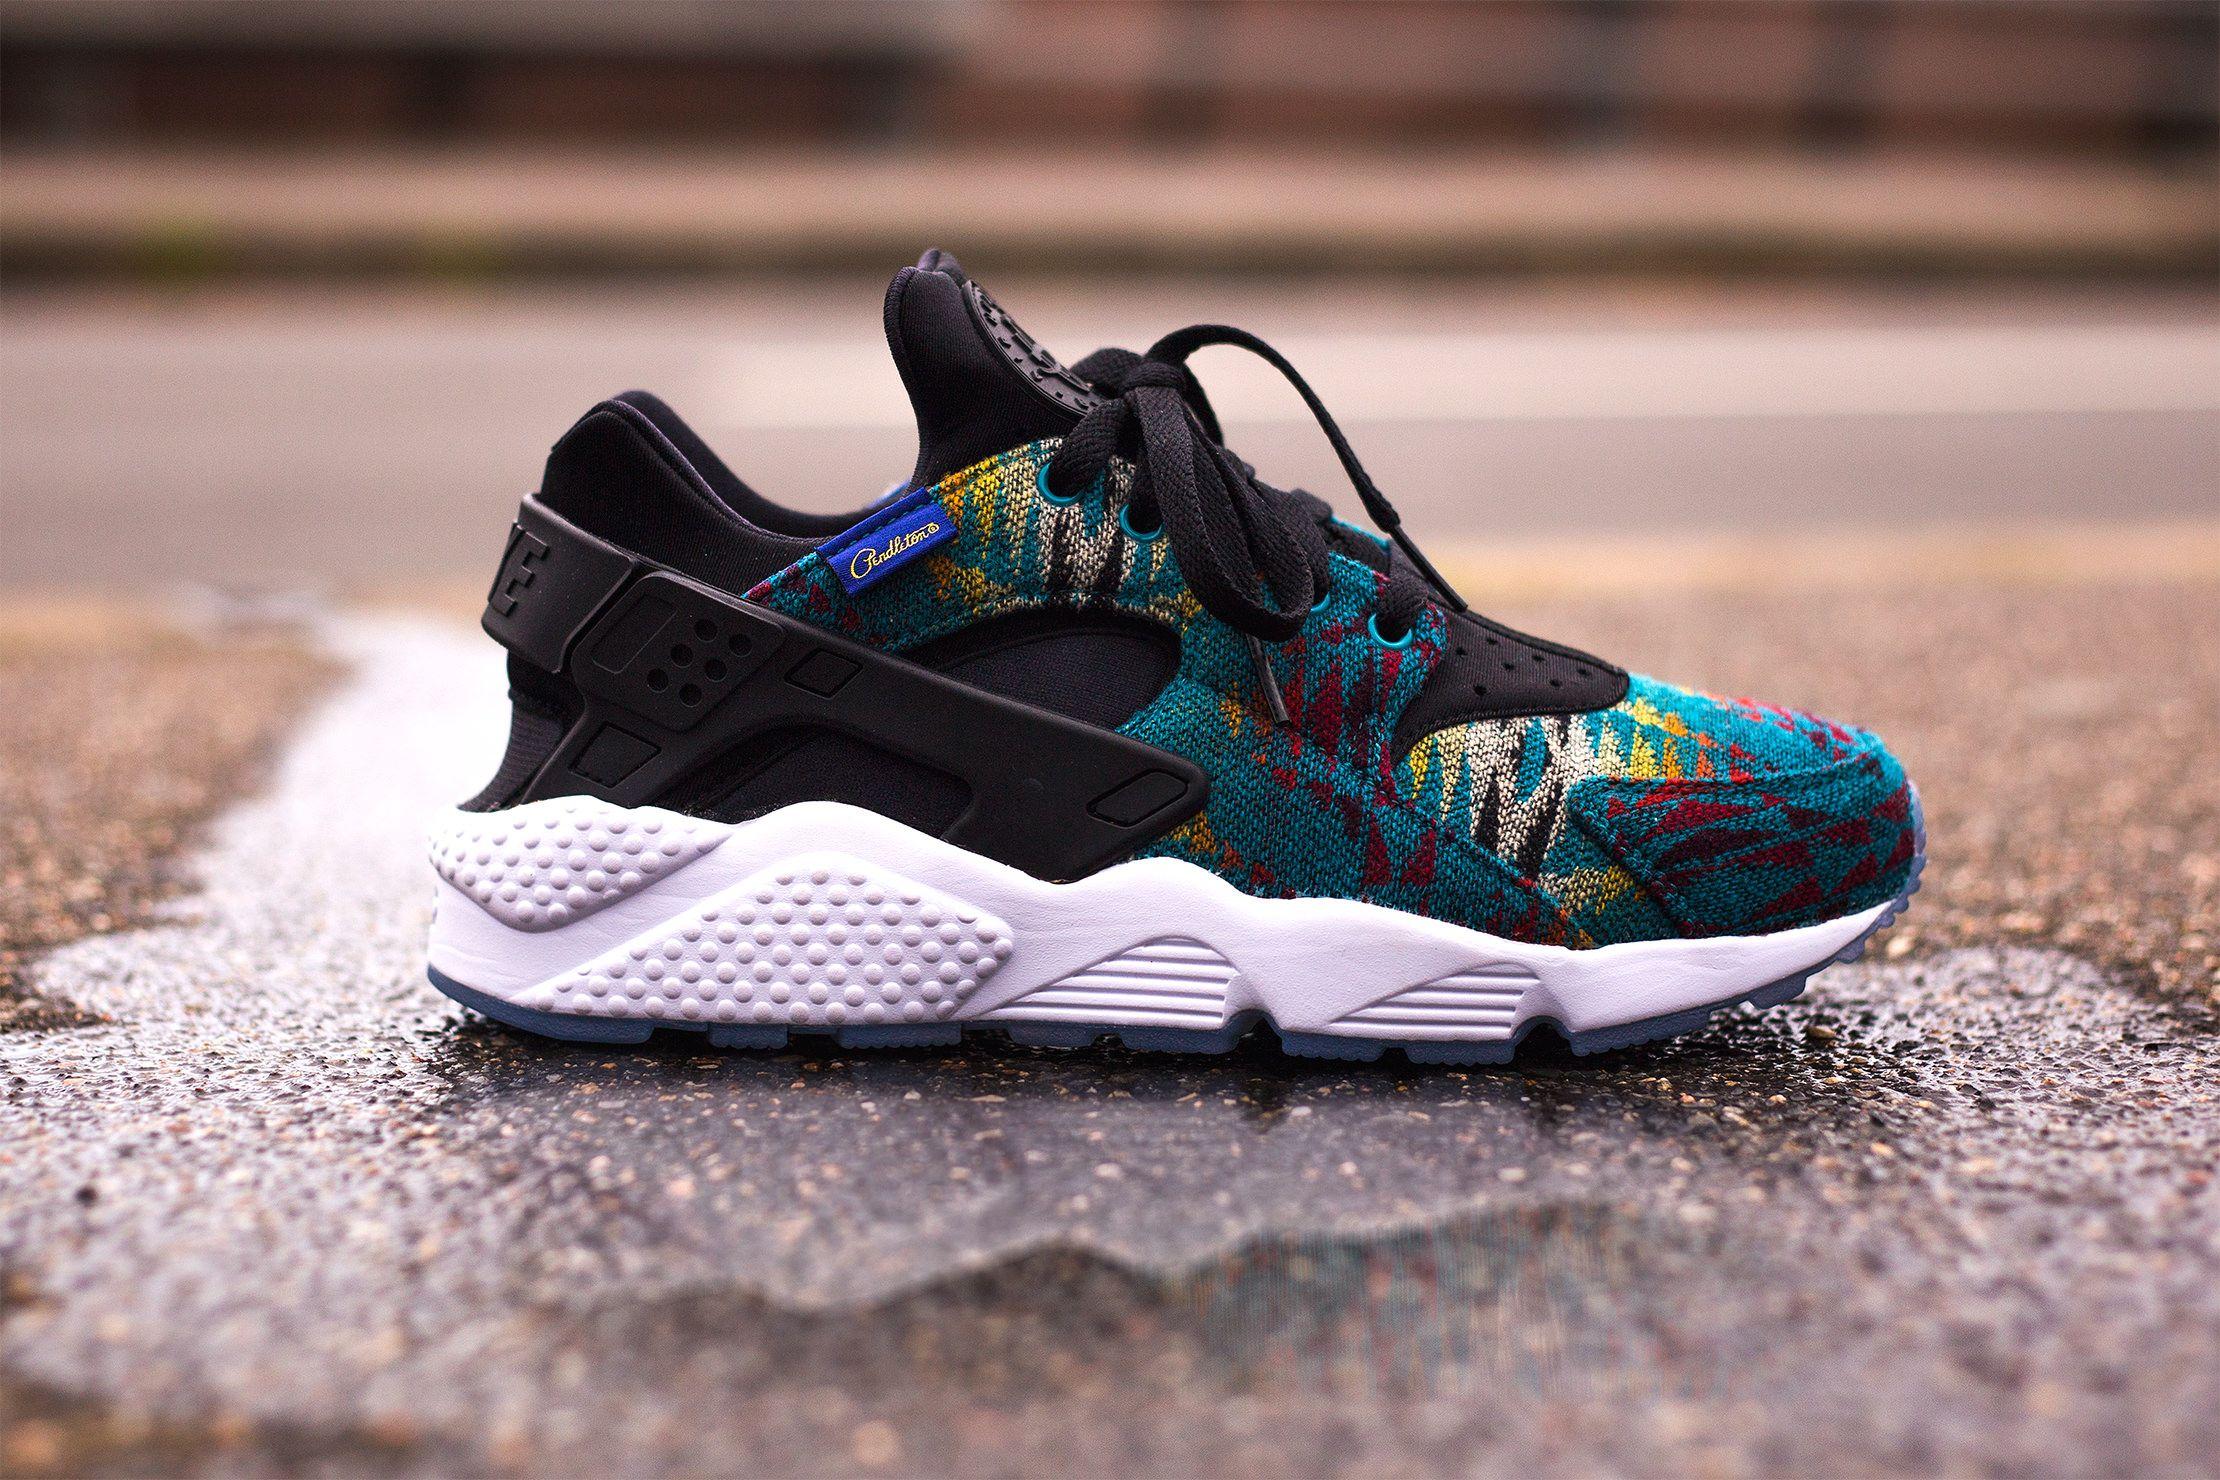 Nike Air Huarache : Notre sélection - Girlsonmyfeet